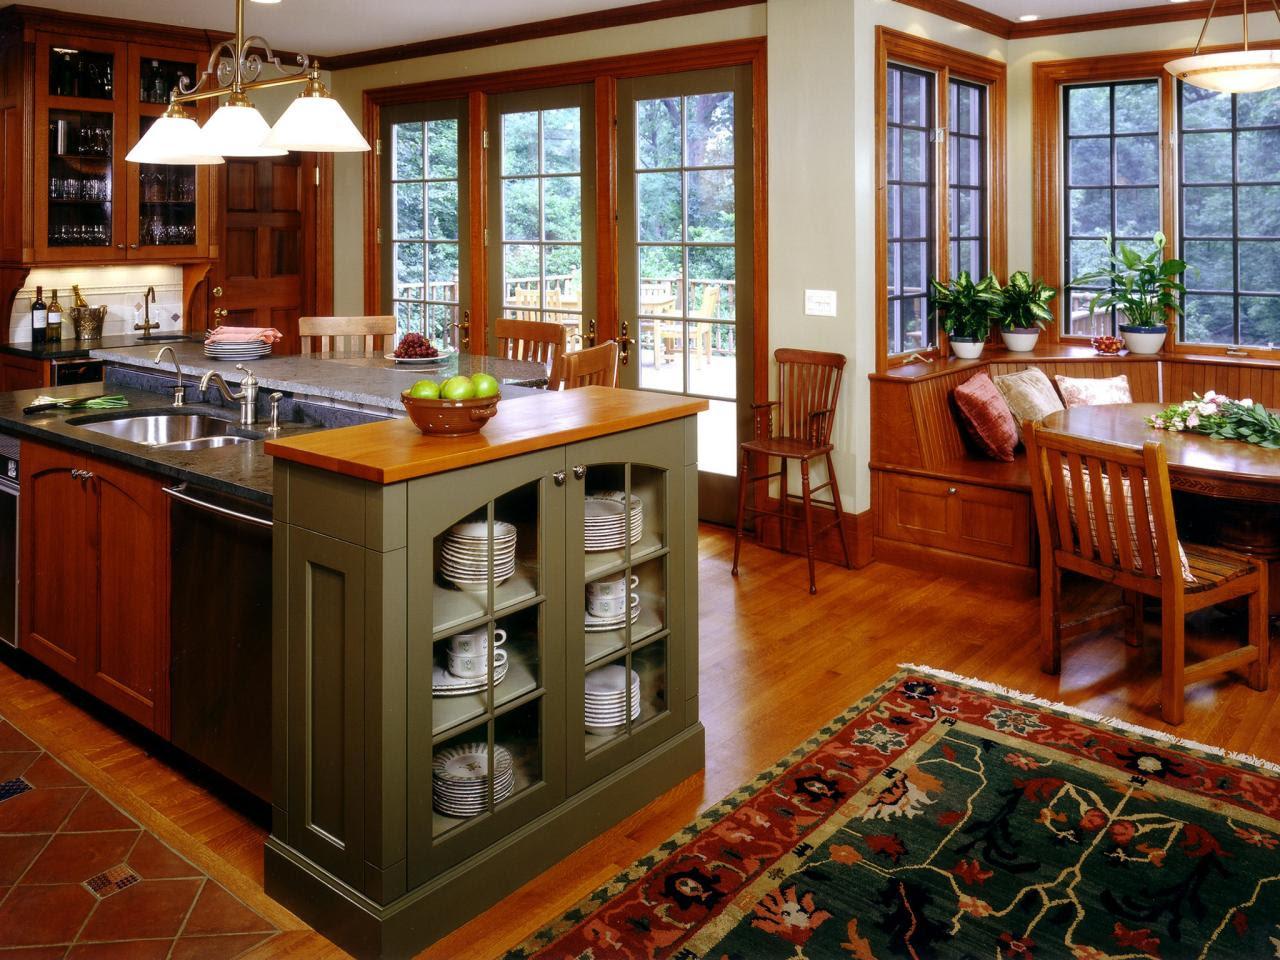 Craftsman-Style Kitchen Cabinets: HGTV Pictures & Ideas | HGTV